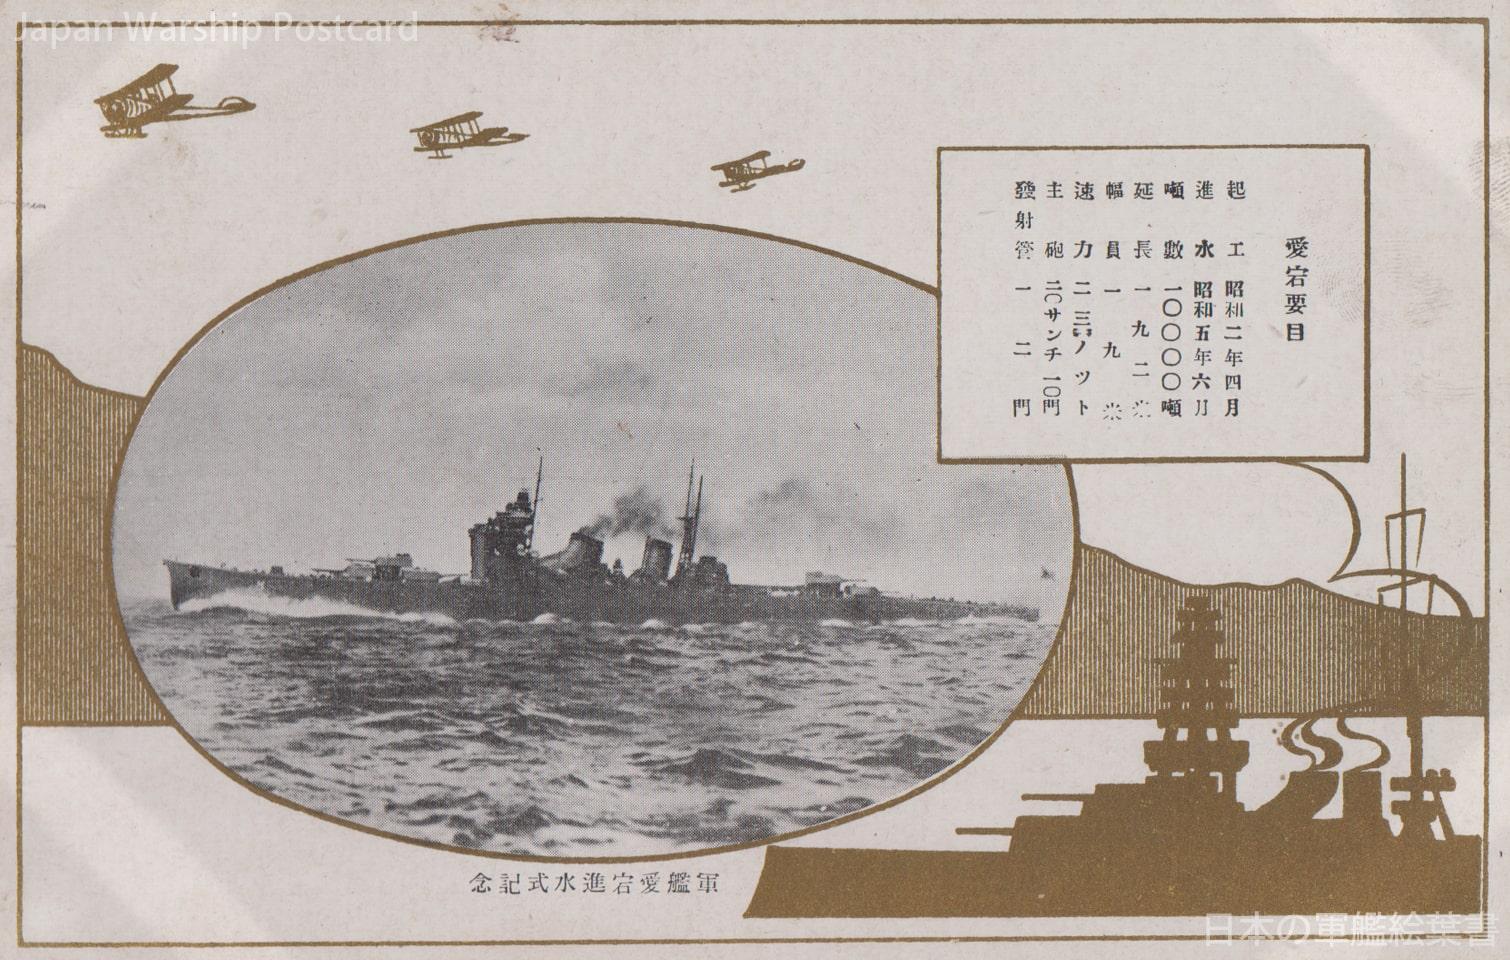 軍艦愛宕進水記念